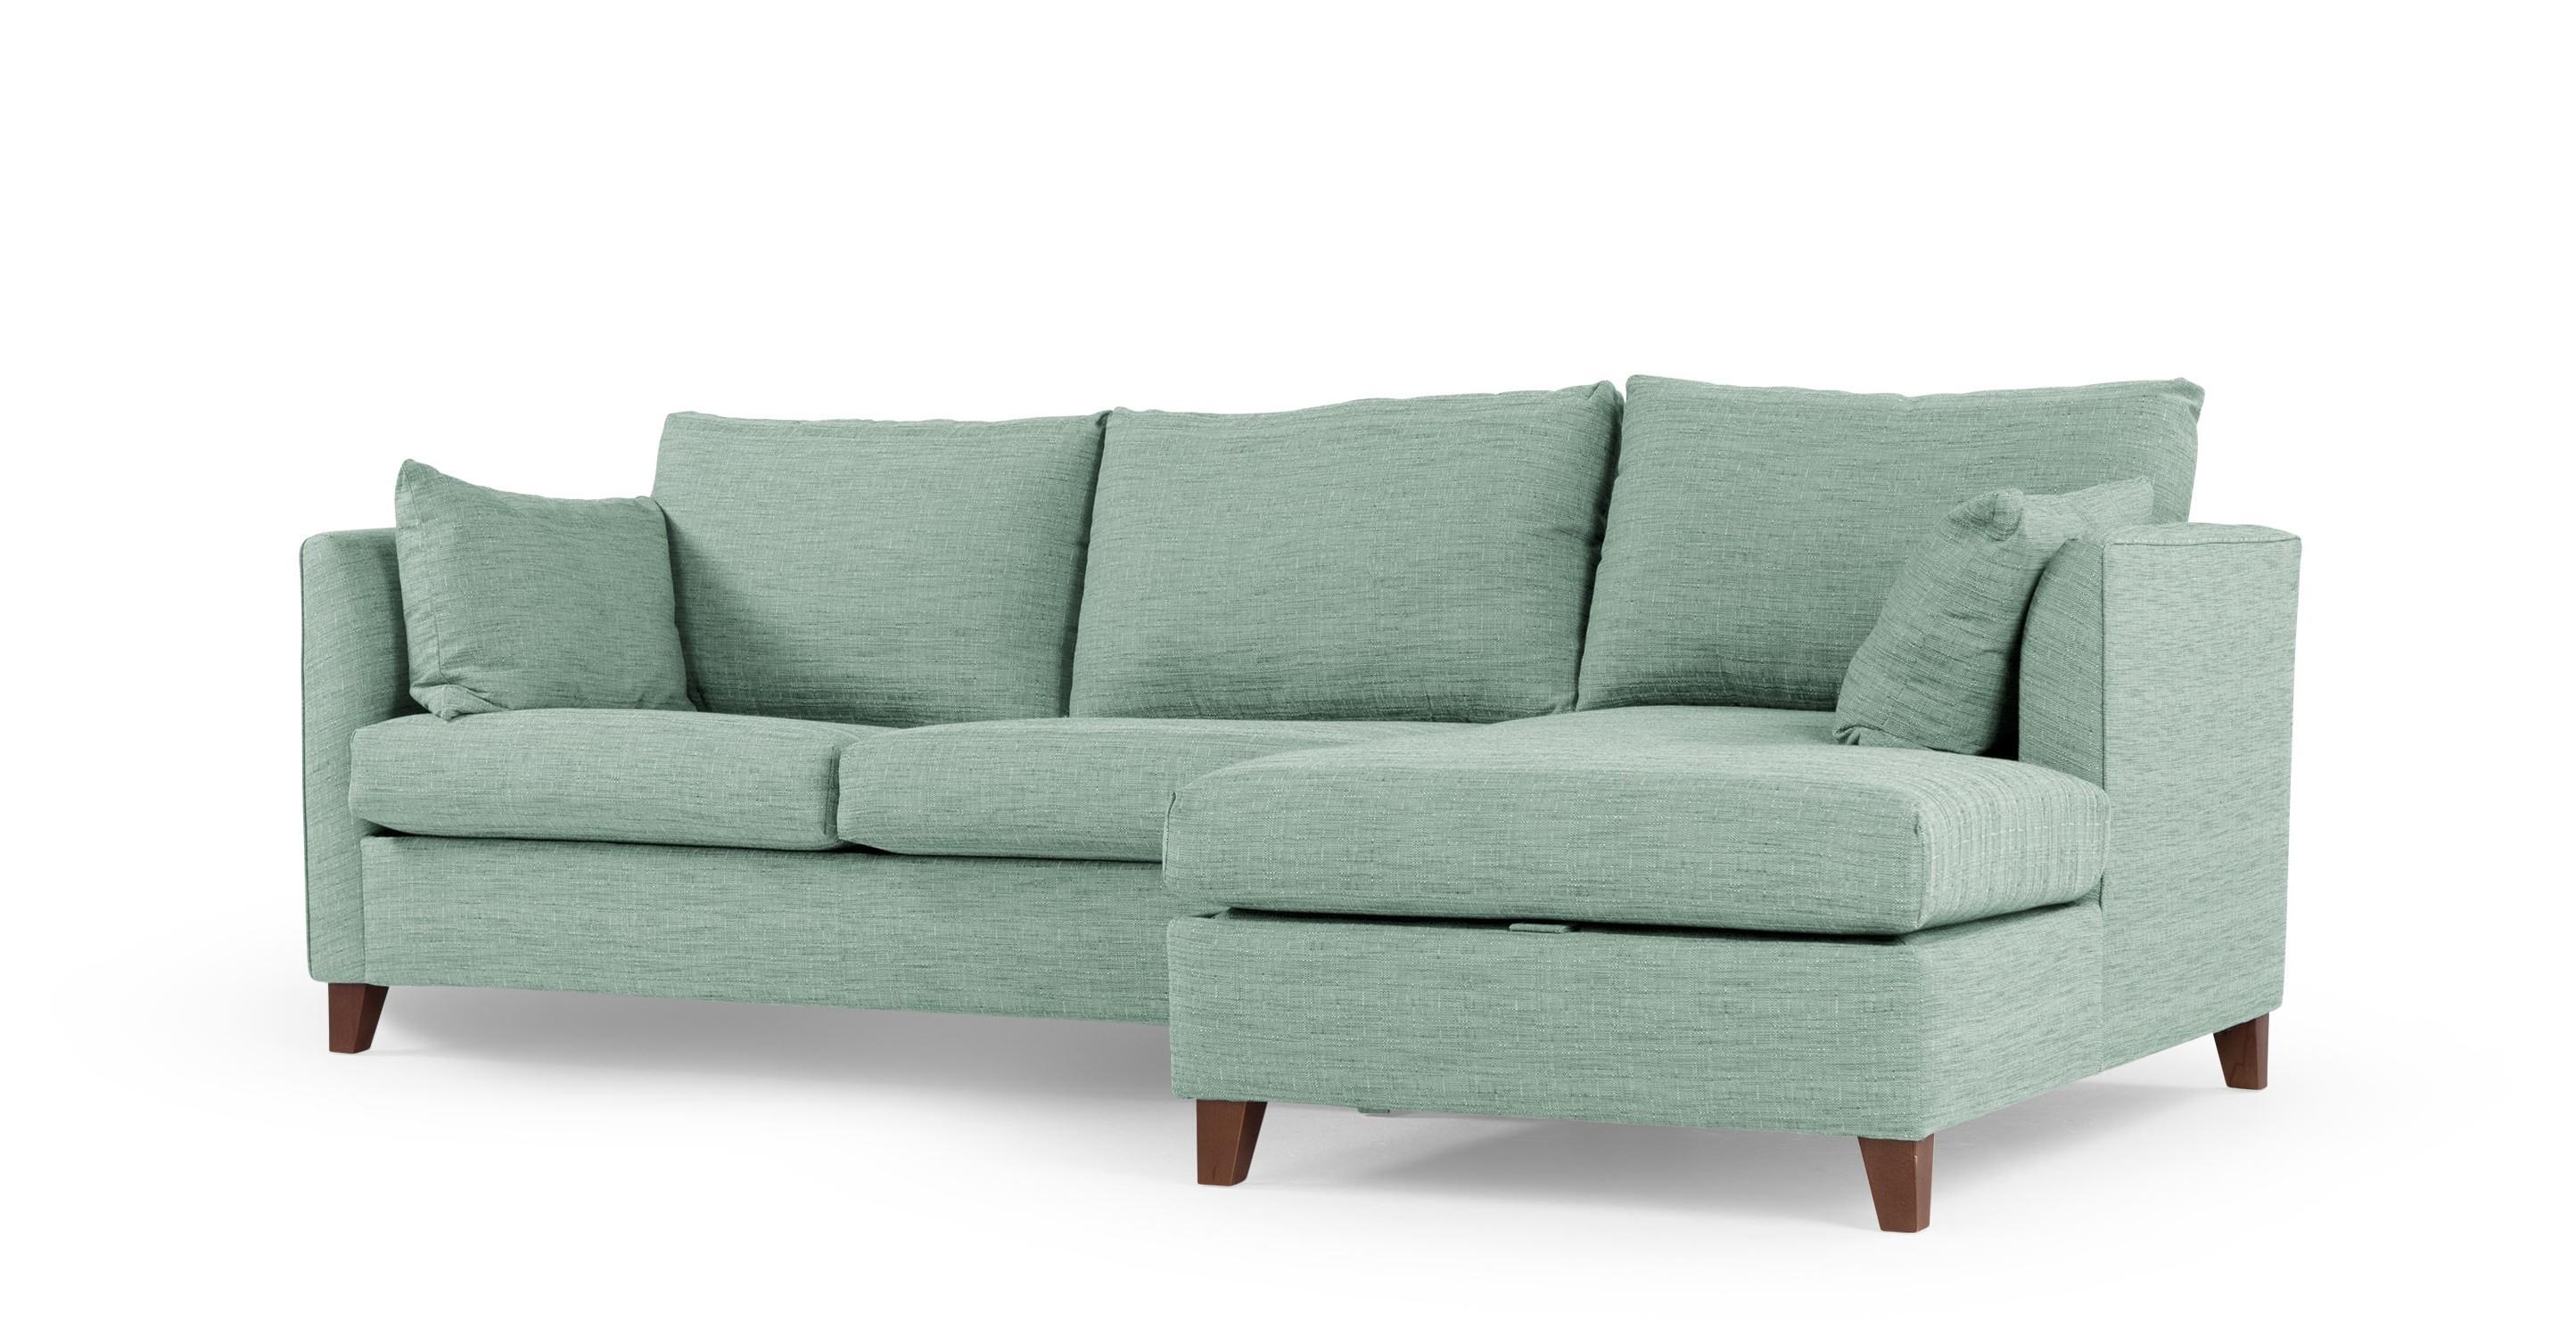 Canapé Ikea Angle Droit